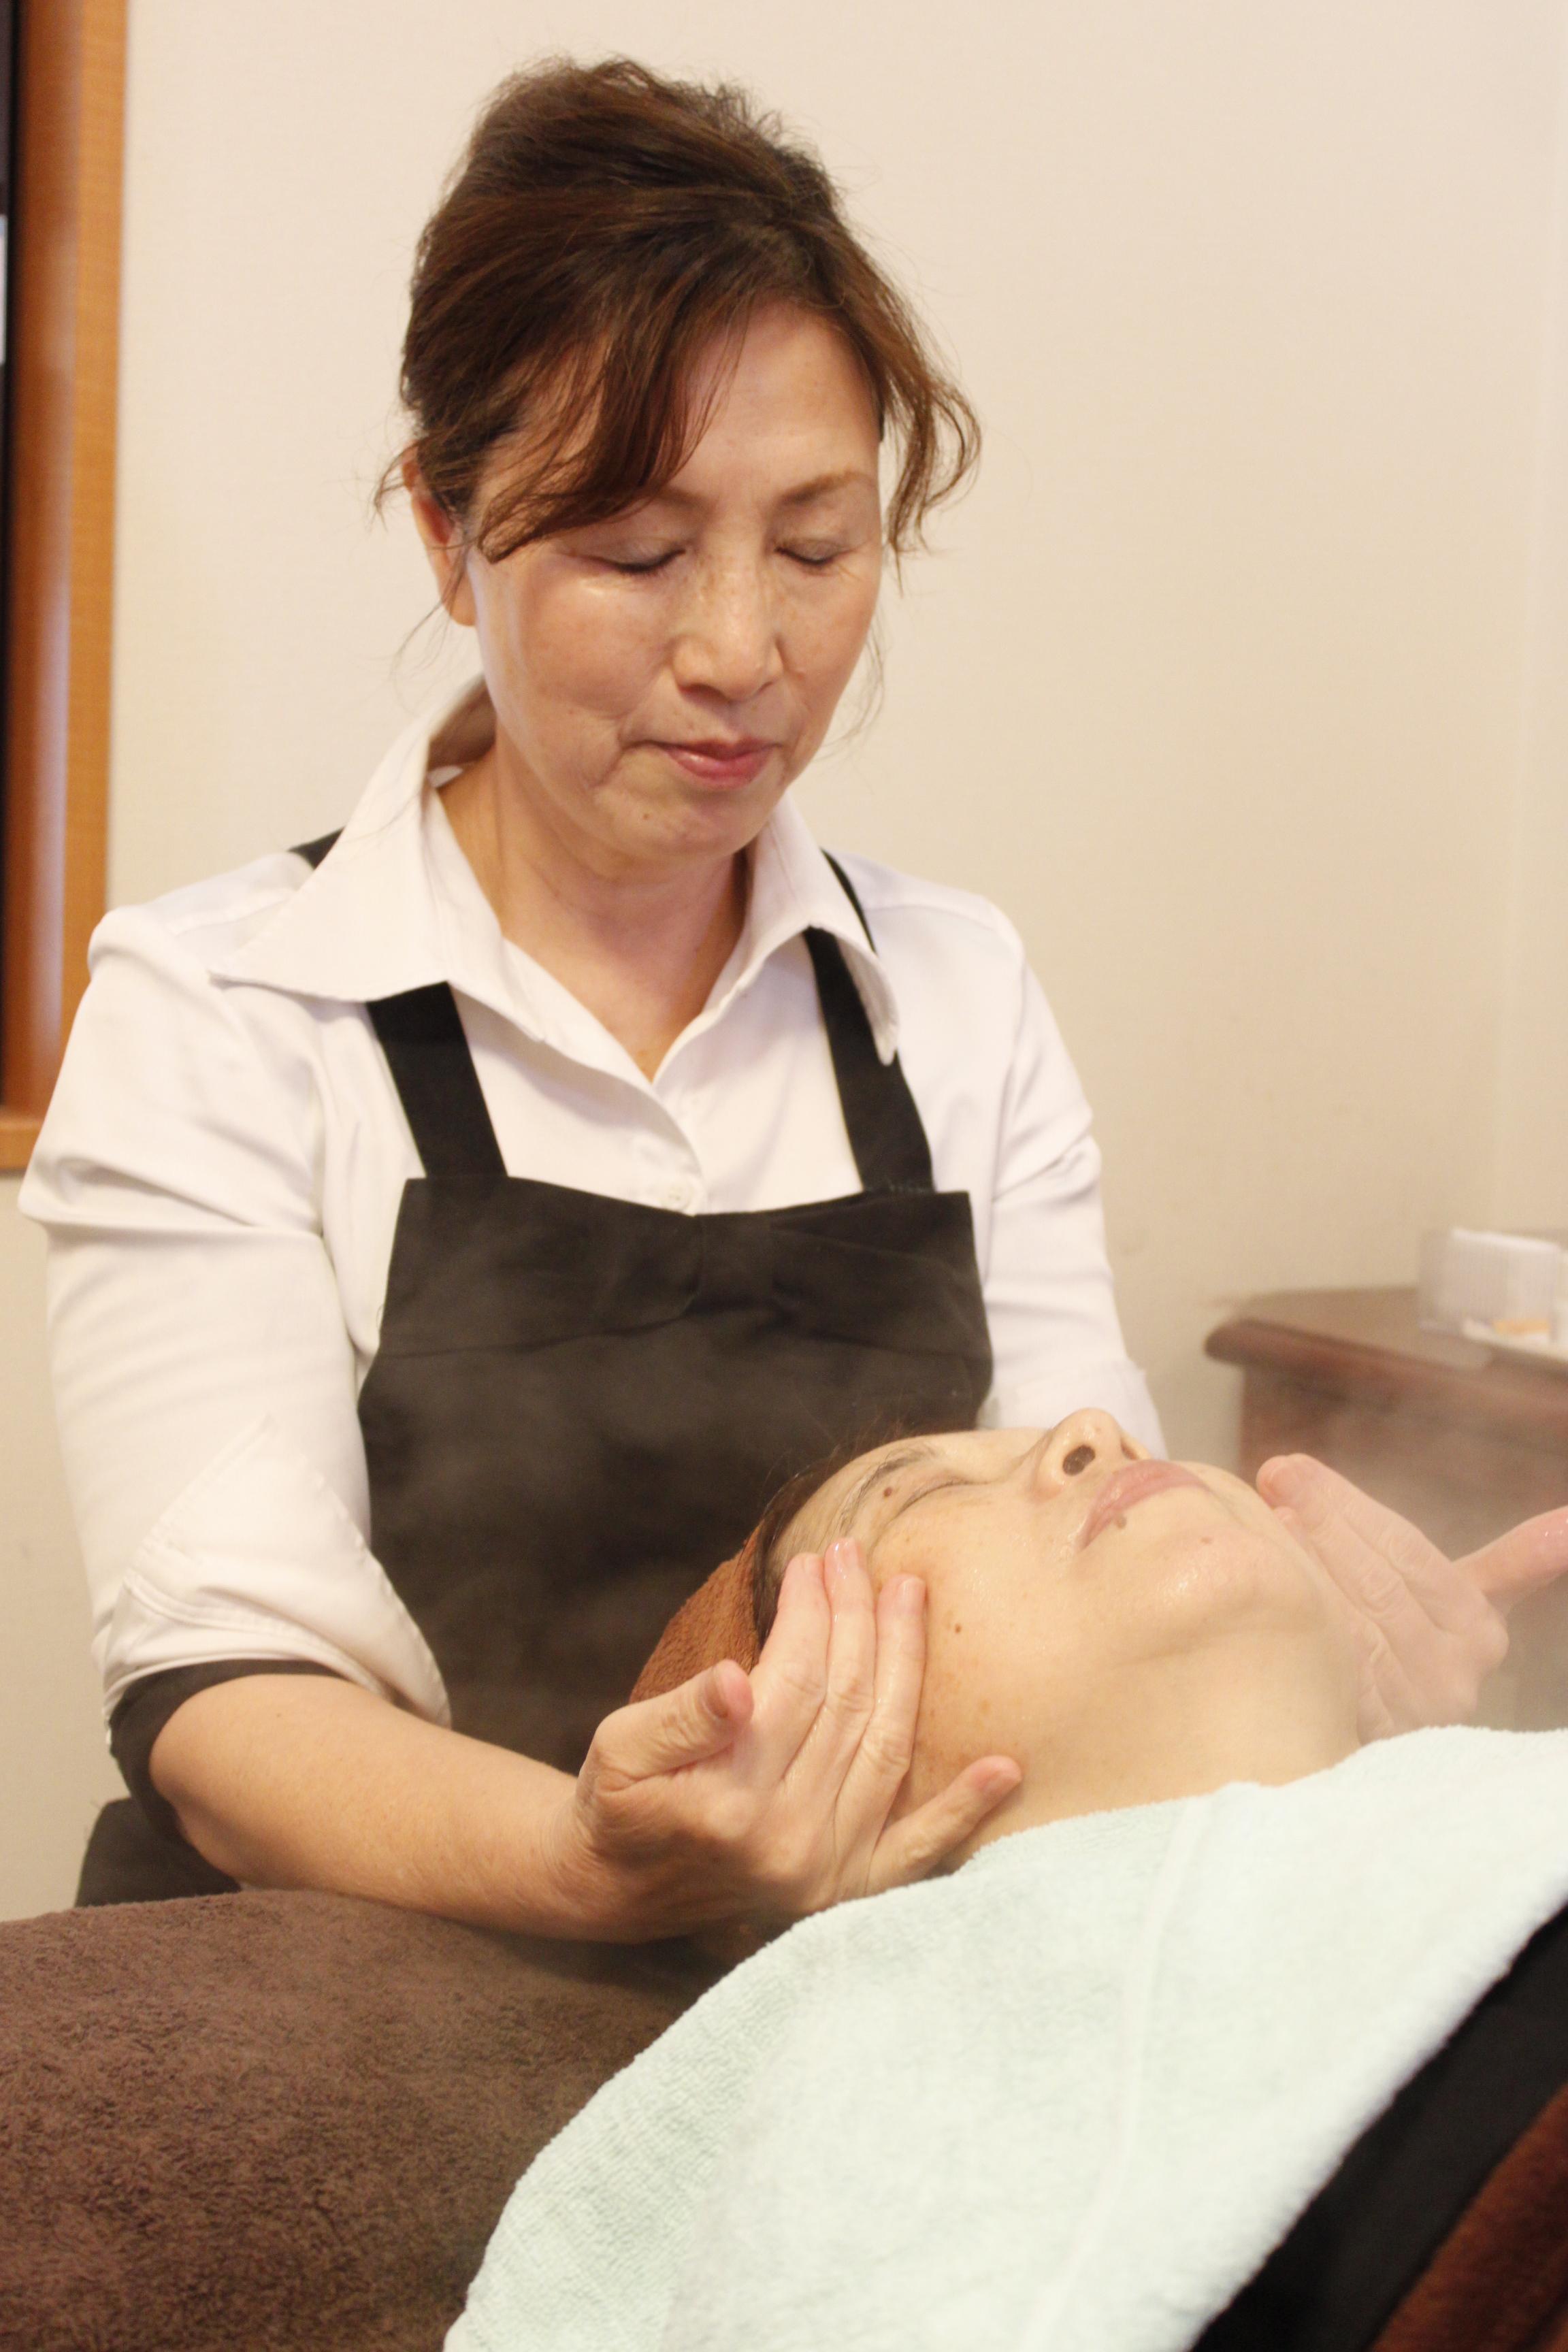 エステ施術歴10年以上の経験でしっかりお客様へ美をご提供致します。